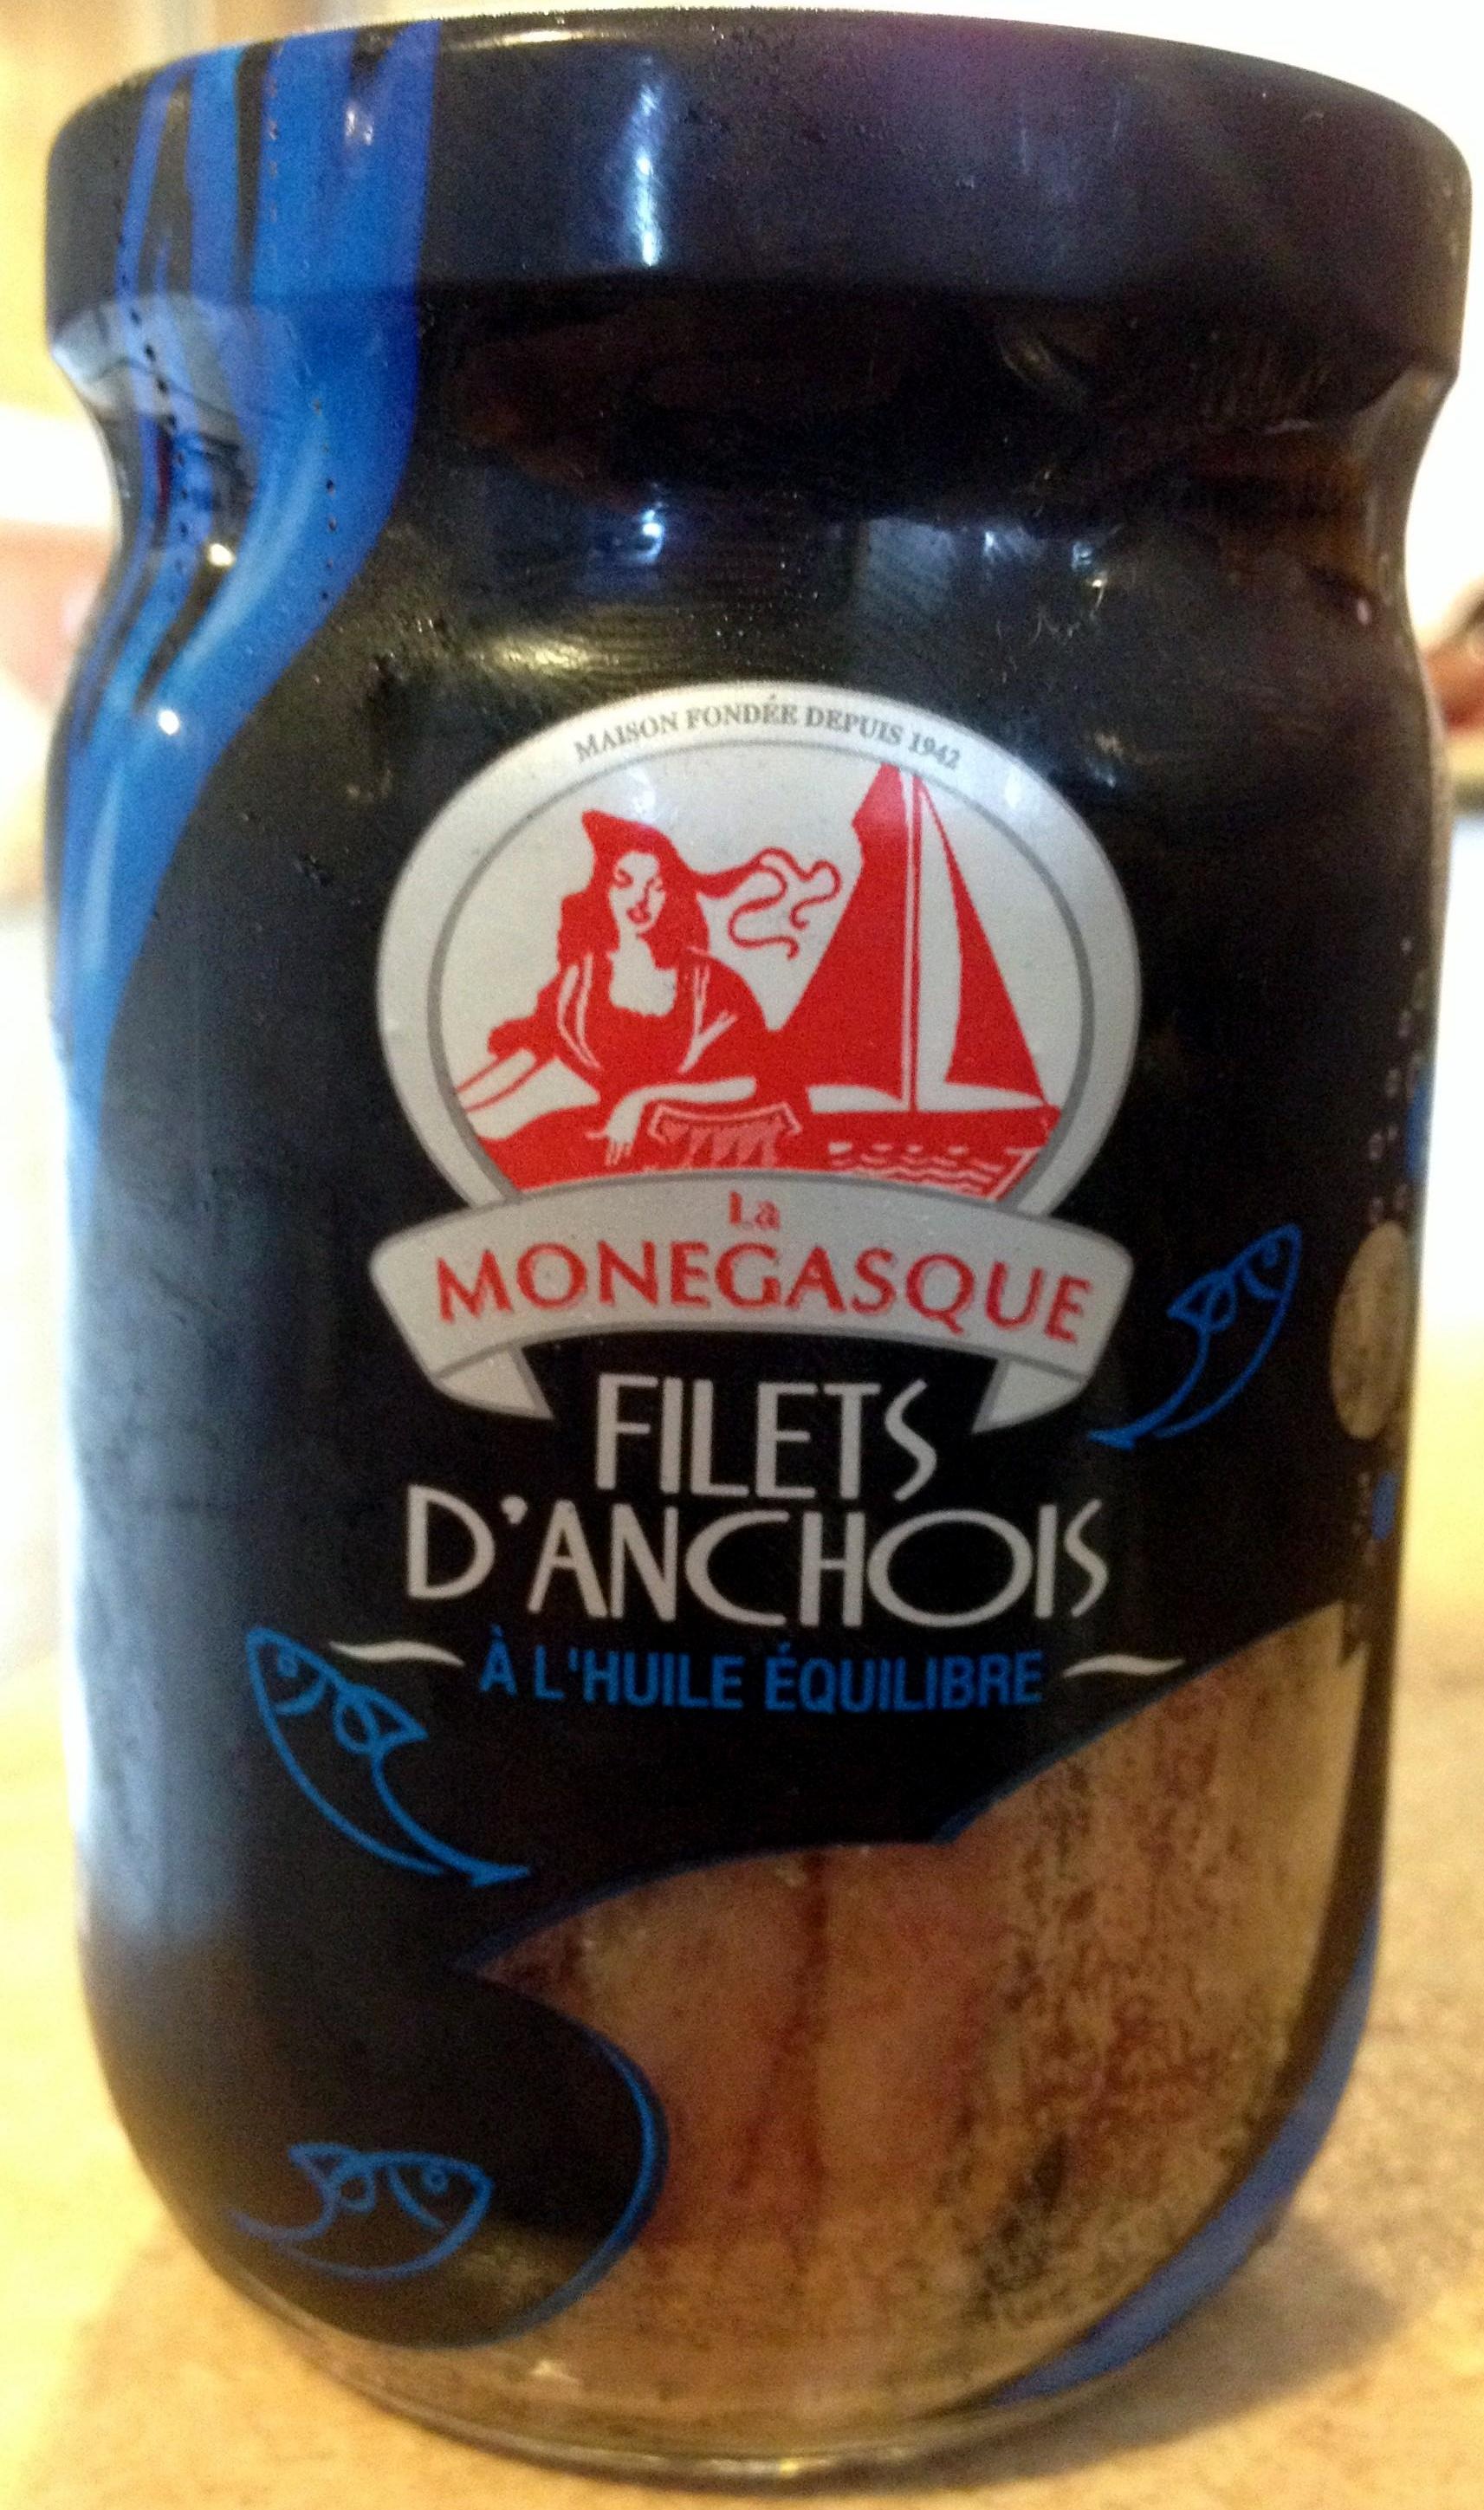 Filets d'anchois à l'huile équilibre - Product - fr